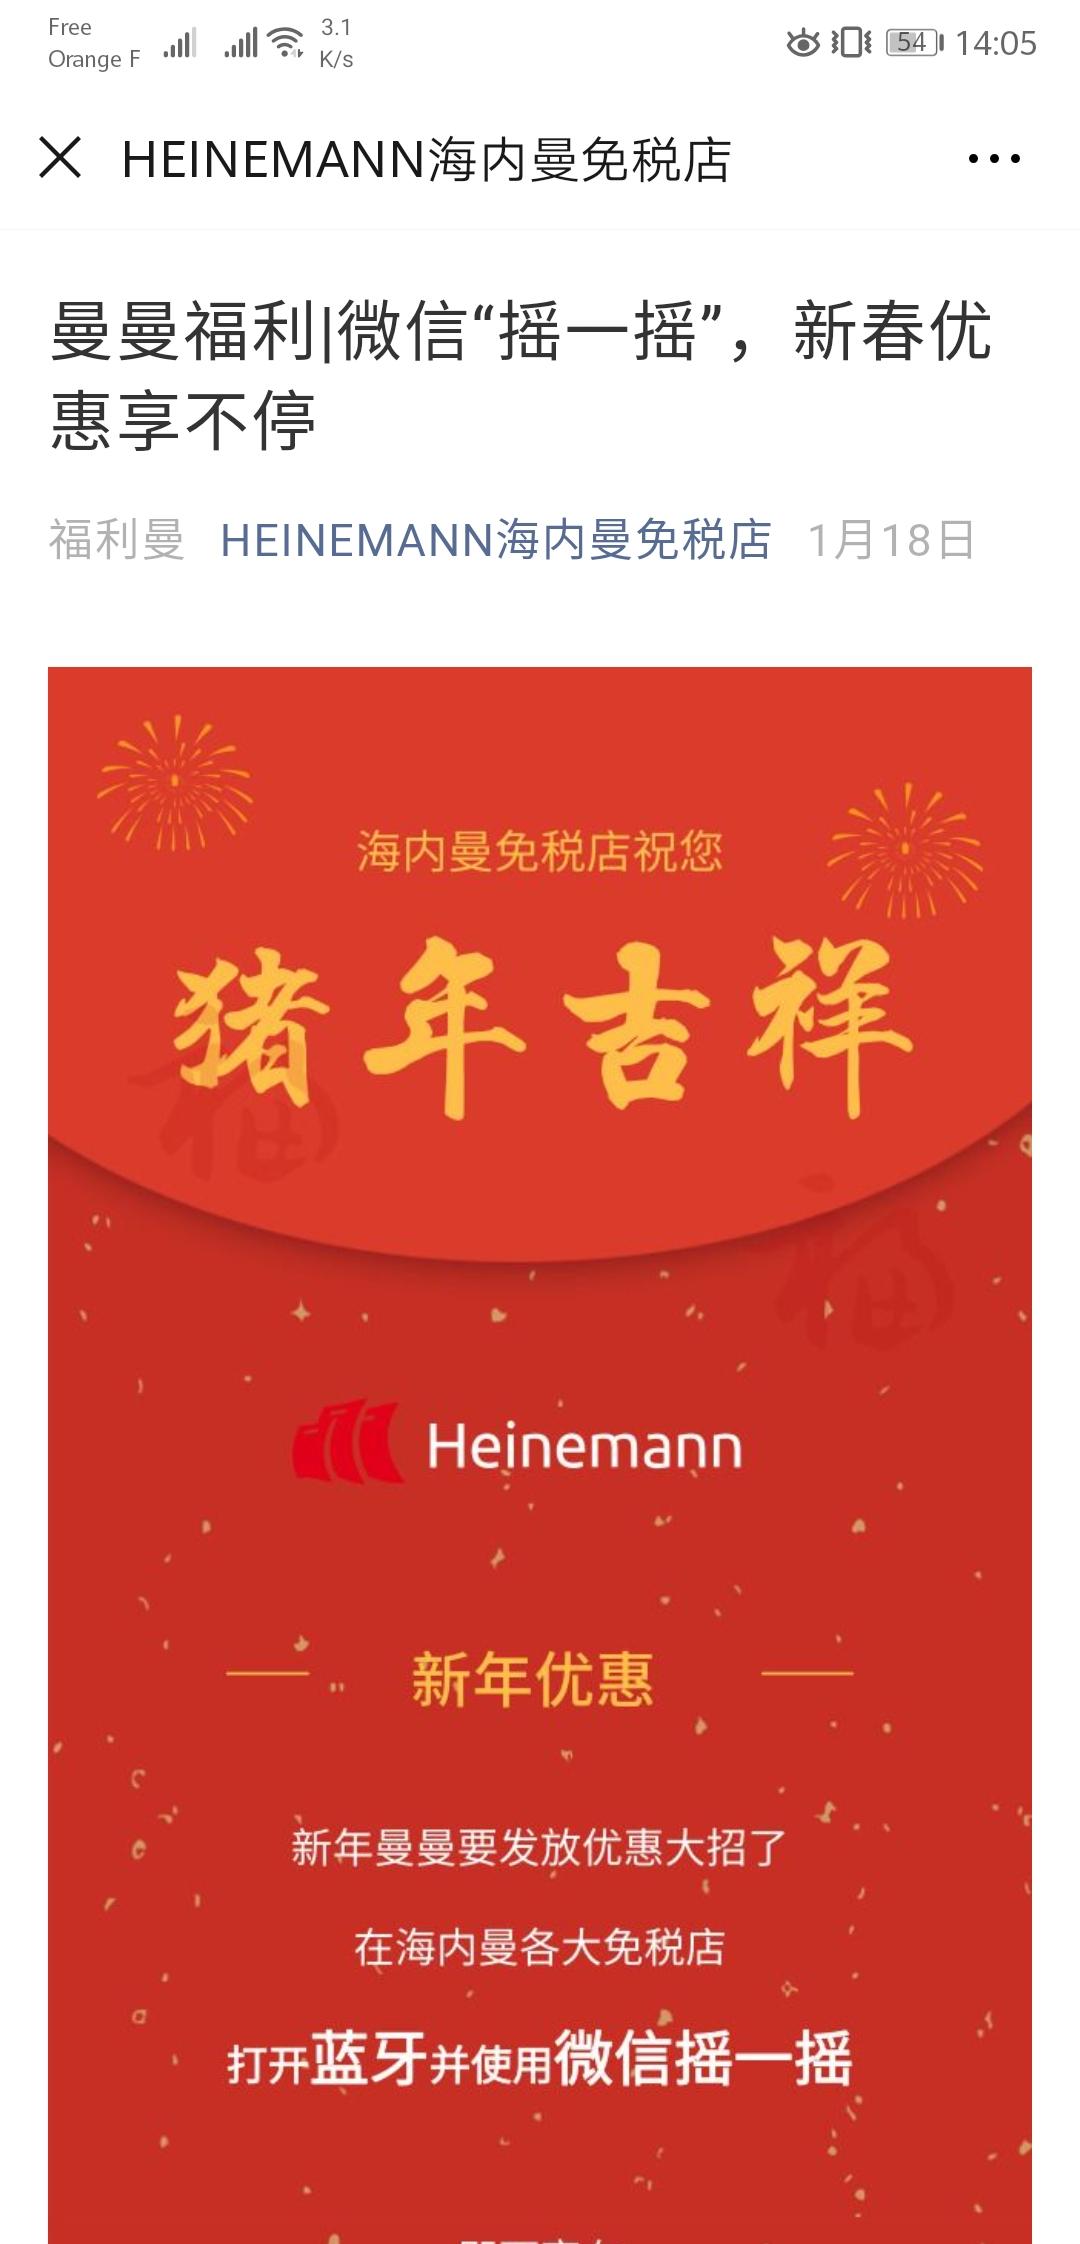 HEINNEMAN Campagne WeChat Shake